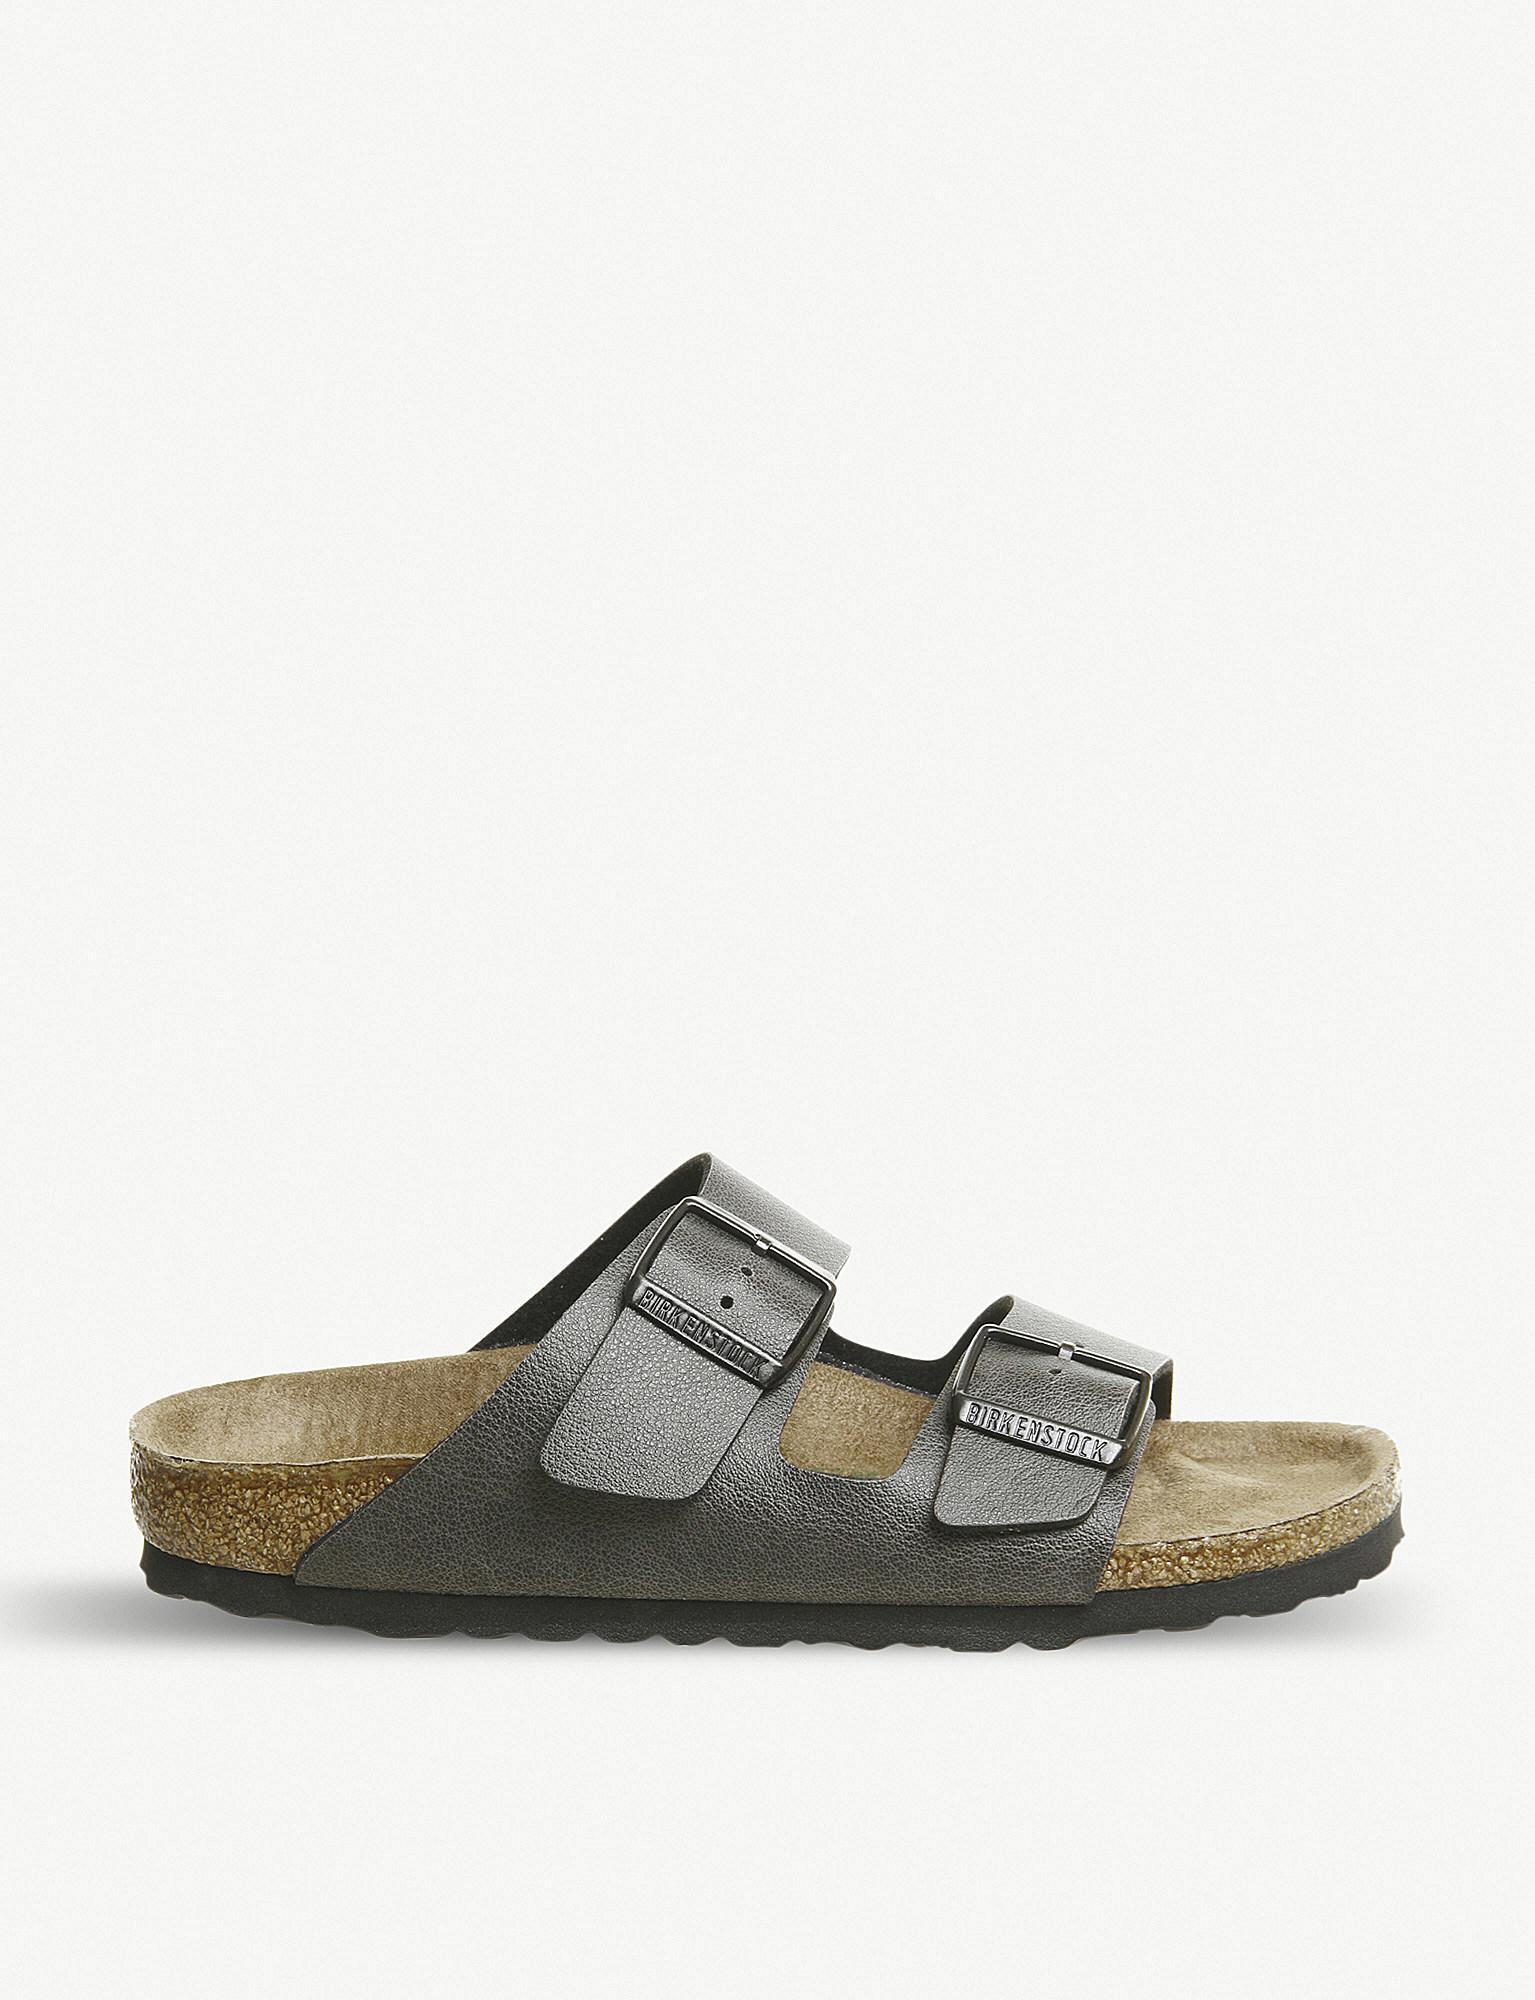 d2cadc598684 Birkenstock Arizona Birko-flor Sandals for Men - Lyst